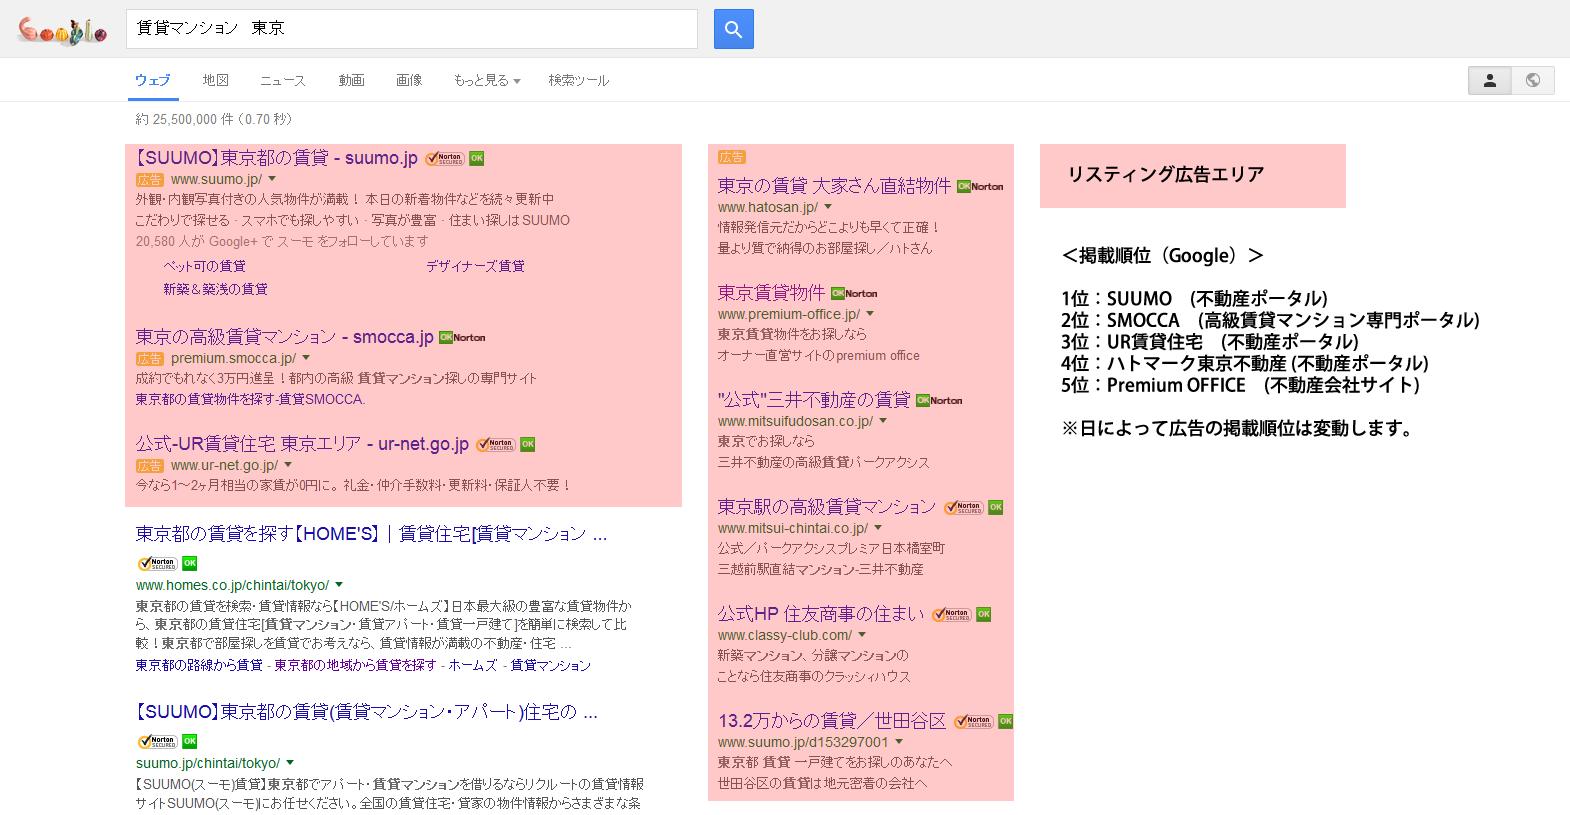 賃貸マンション東京 検索結果